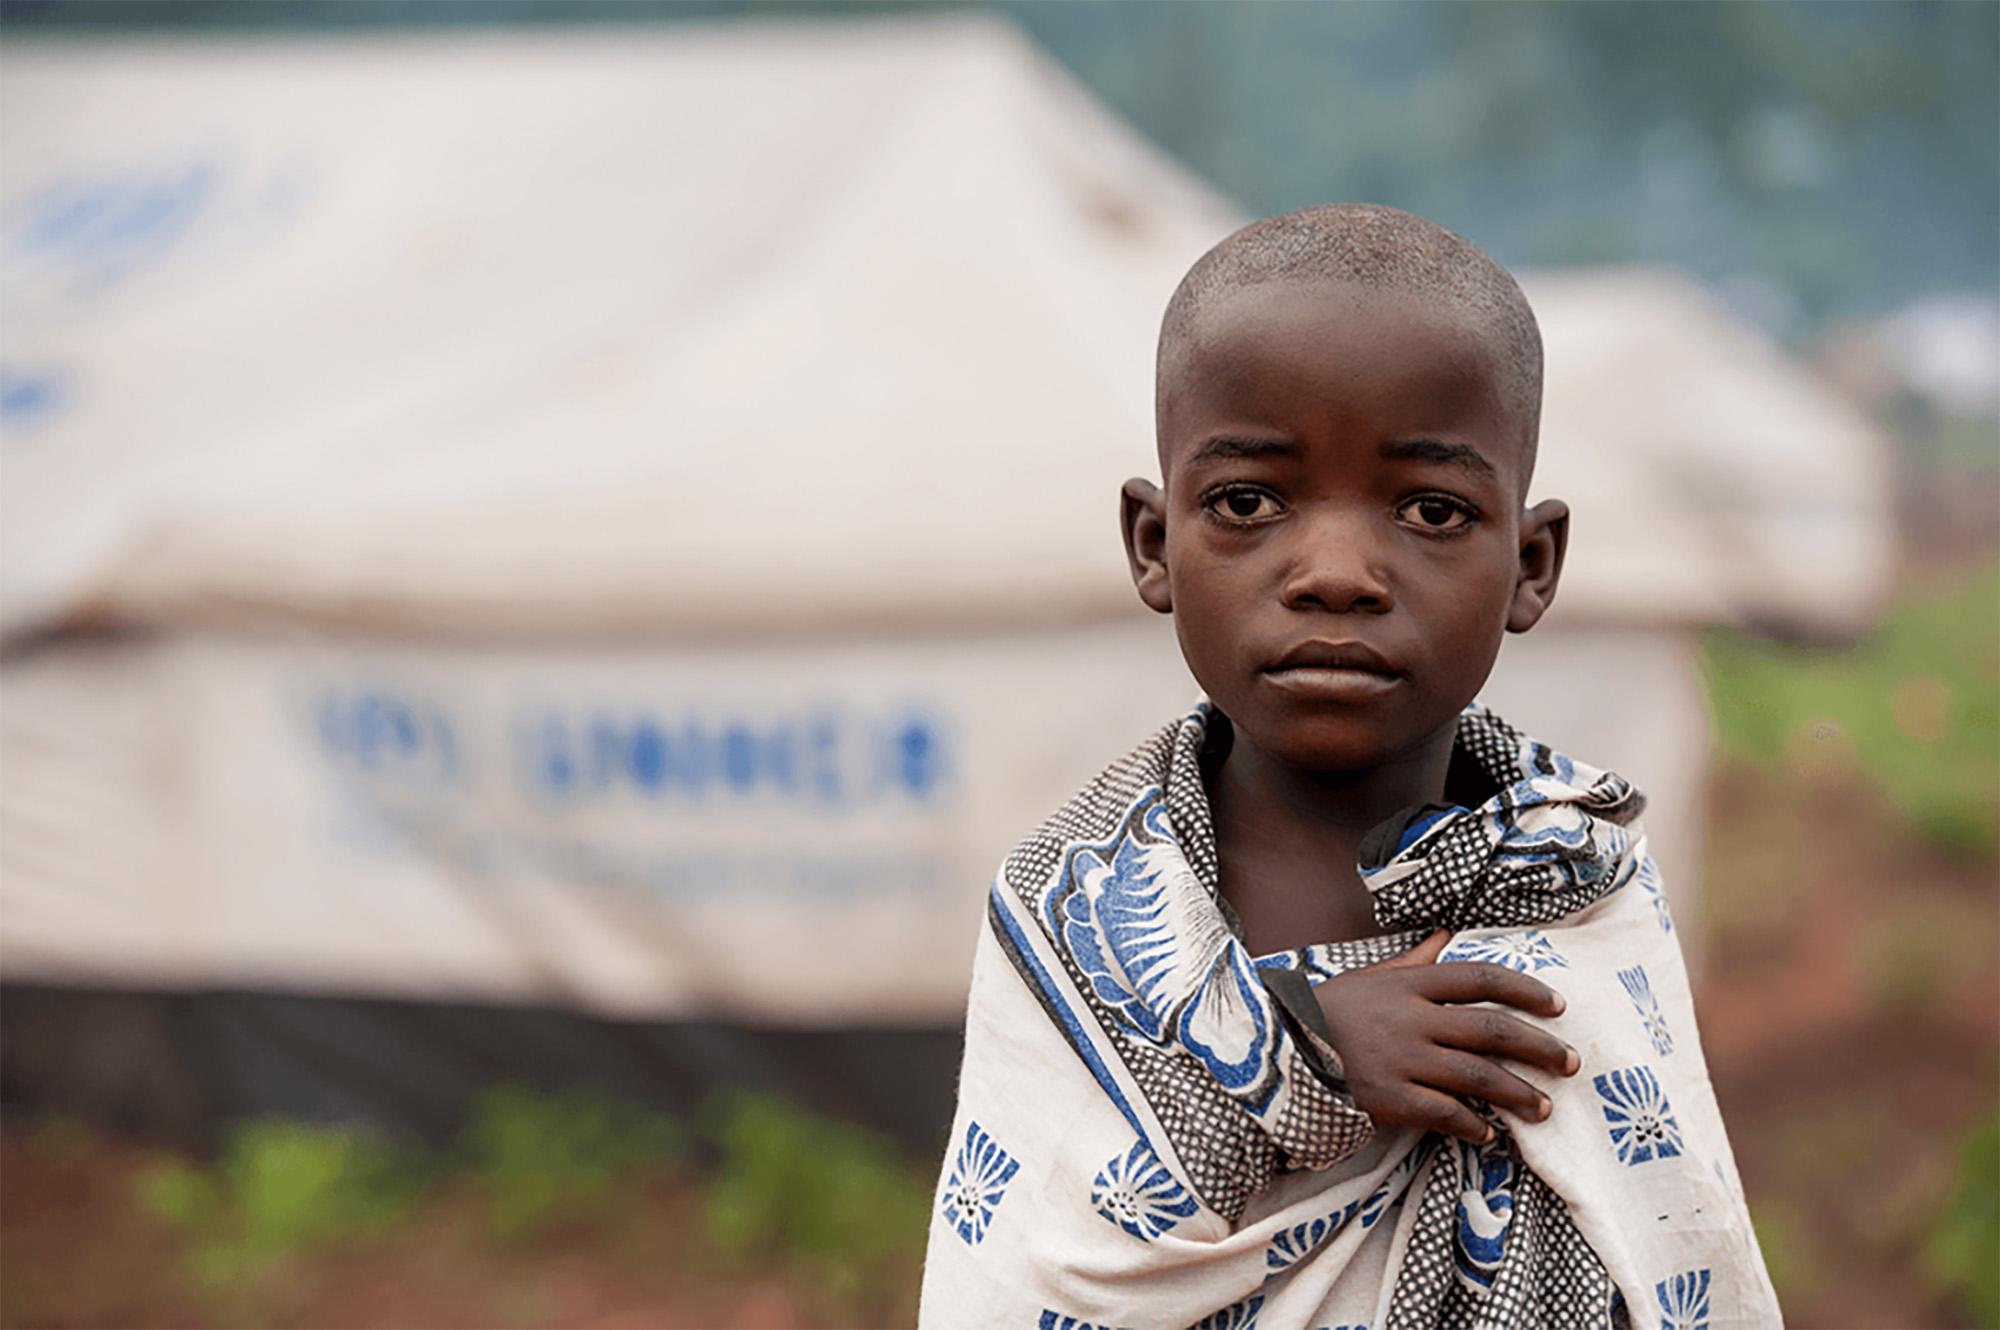 Criança refugiada. Fonte: www.un.org